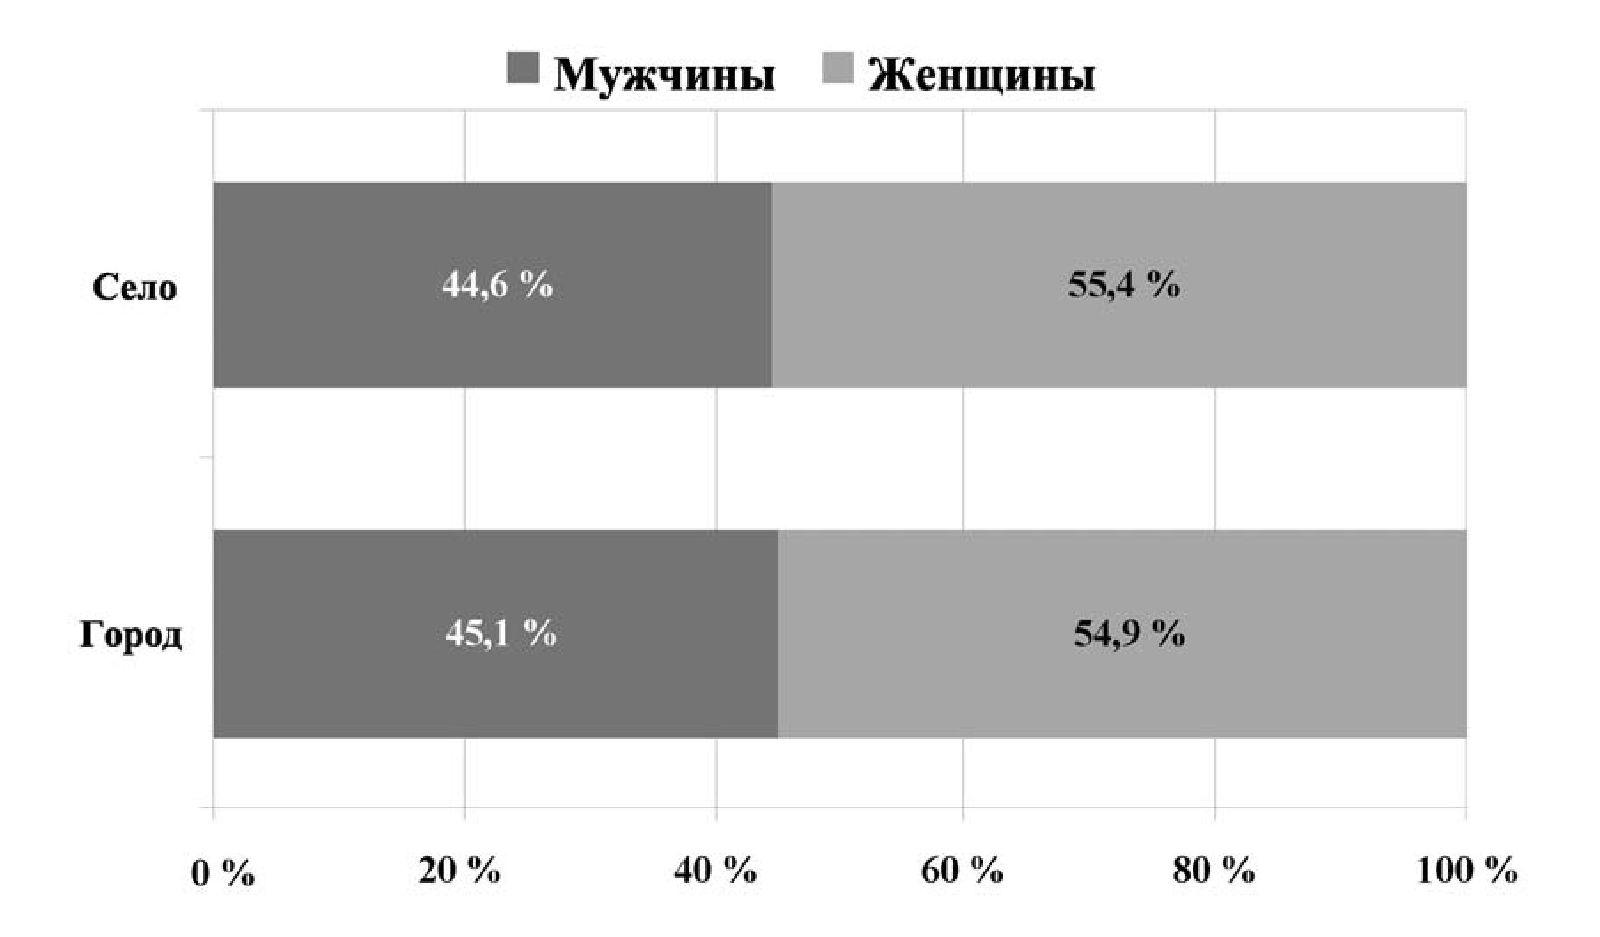 Рис. 2 б. Распределение украинцев (городского и сельского населения) по полу (%) (2009)